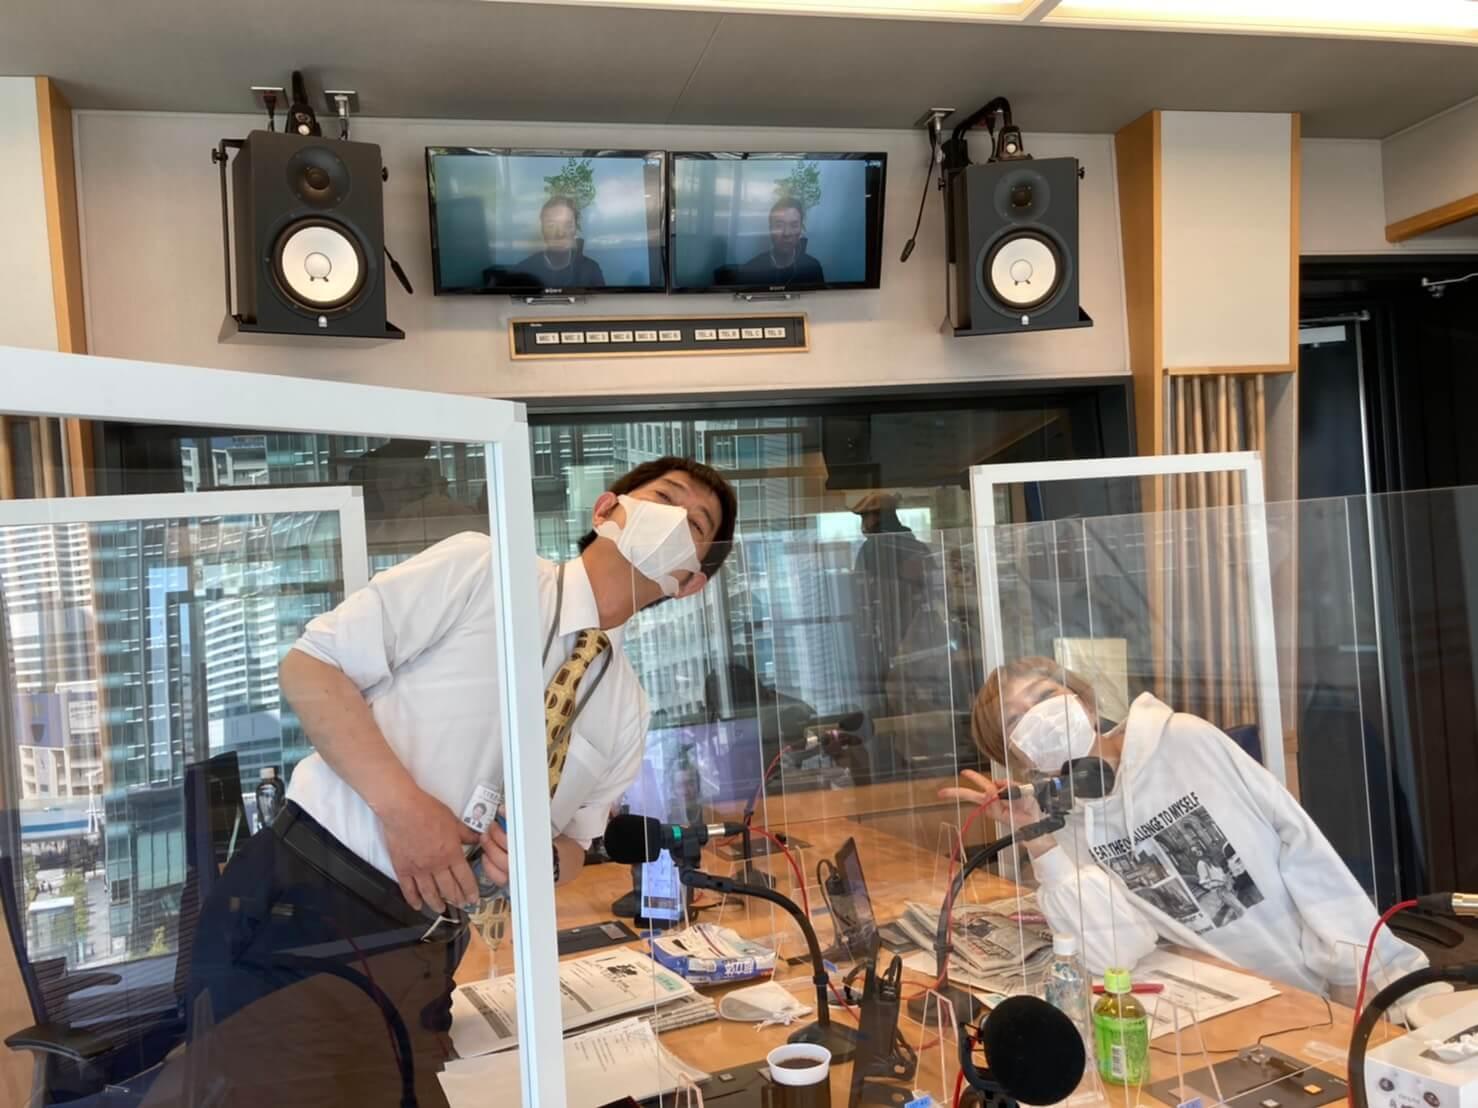 4/30(金)テレビ朝日「モーニングショー」玉川徹さんが登場!どぶろっくと『イチモツ音頭』を熱唱!?